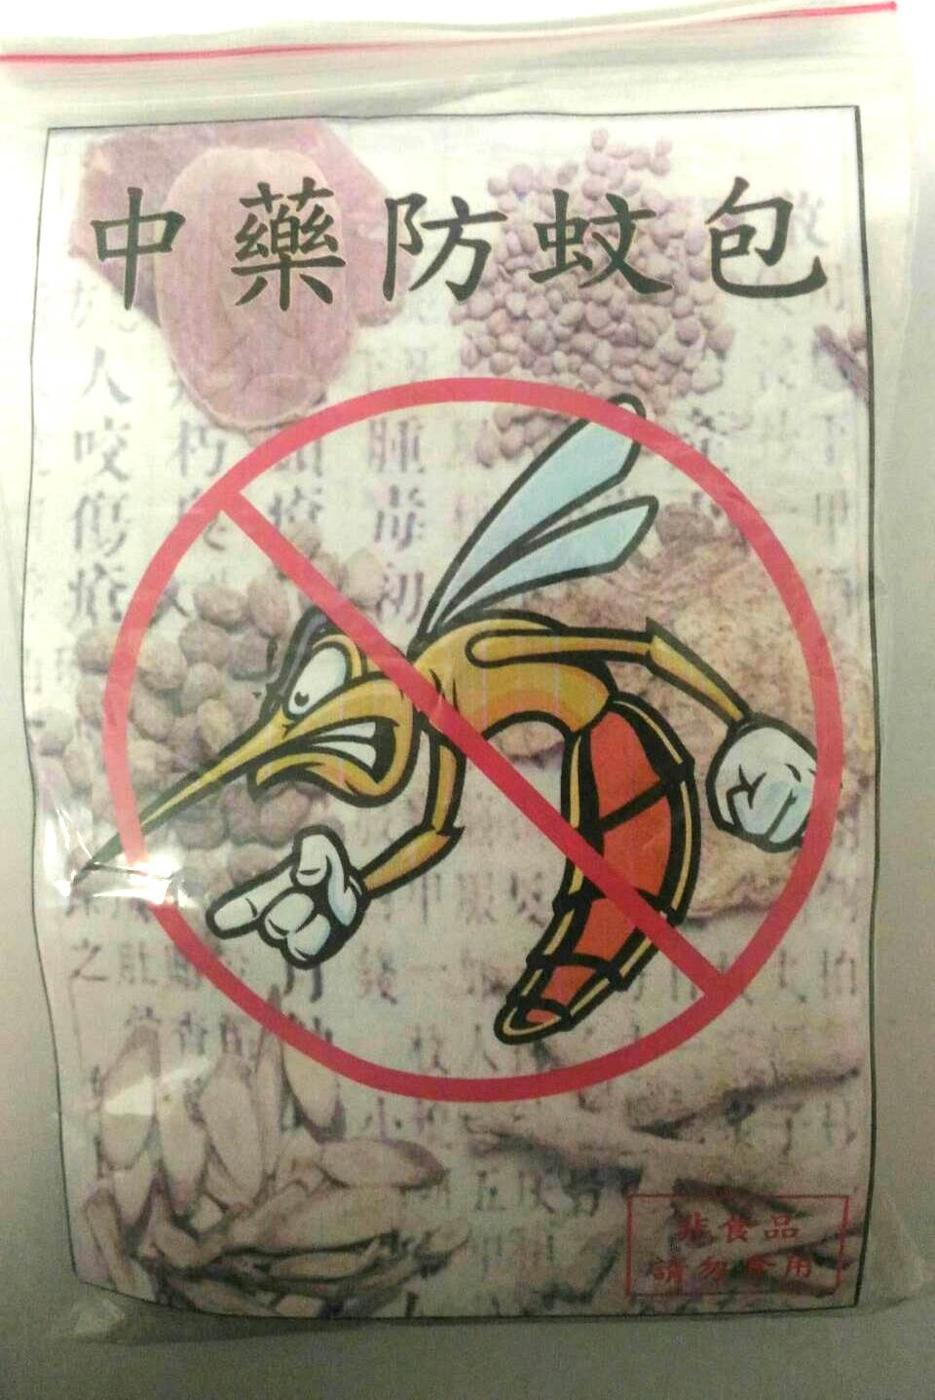 中藥防蚊包天然中藥防蚊防蟲